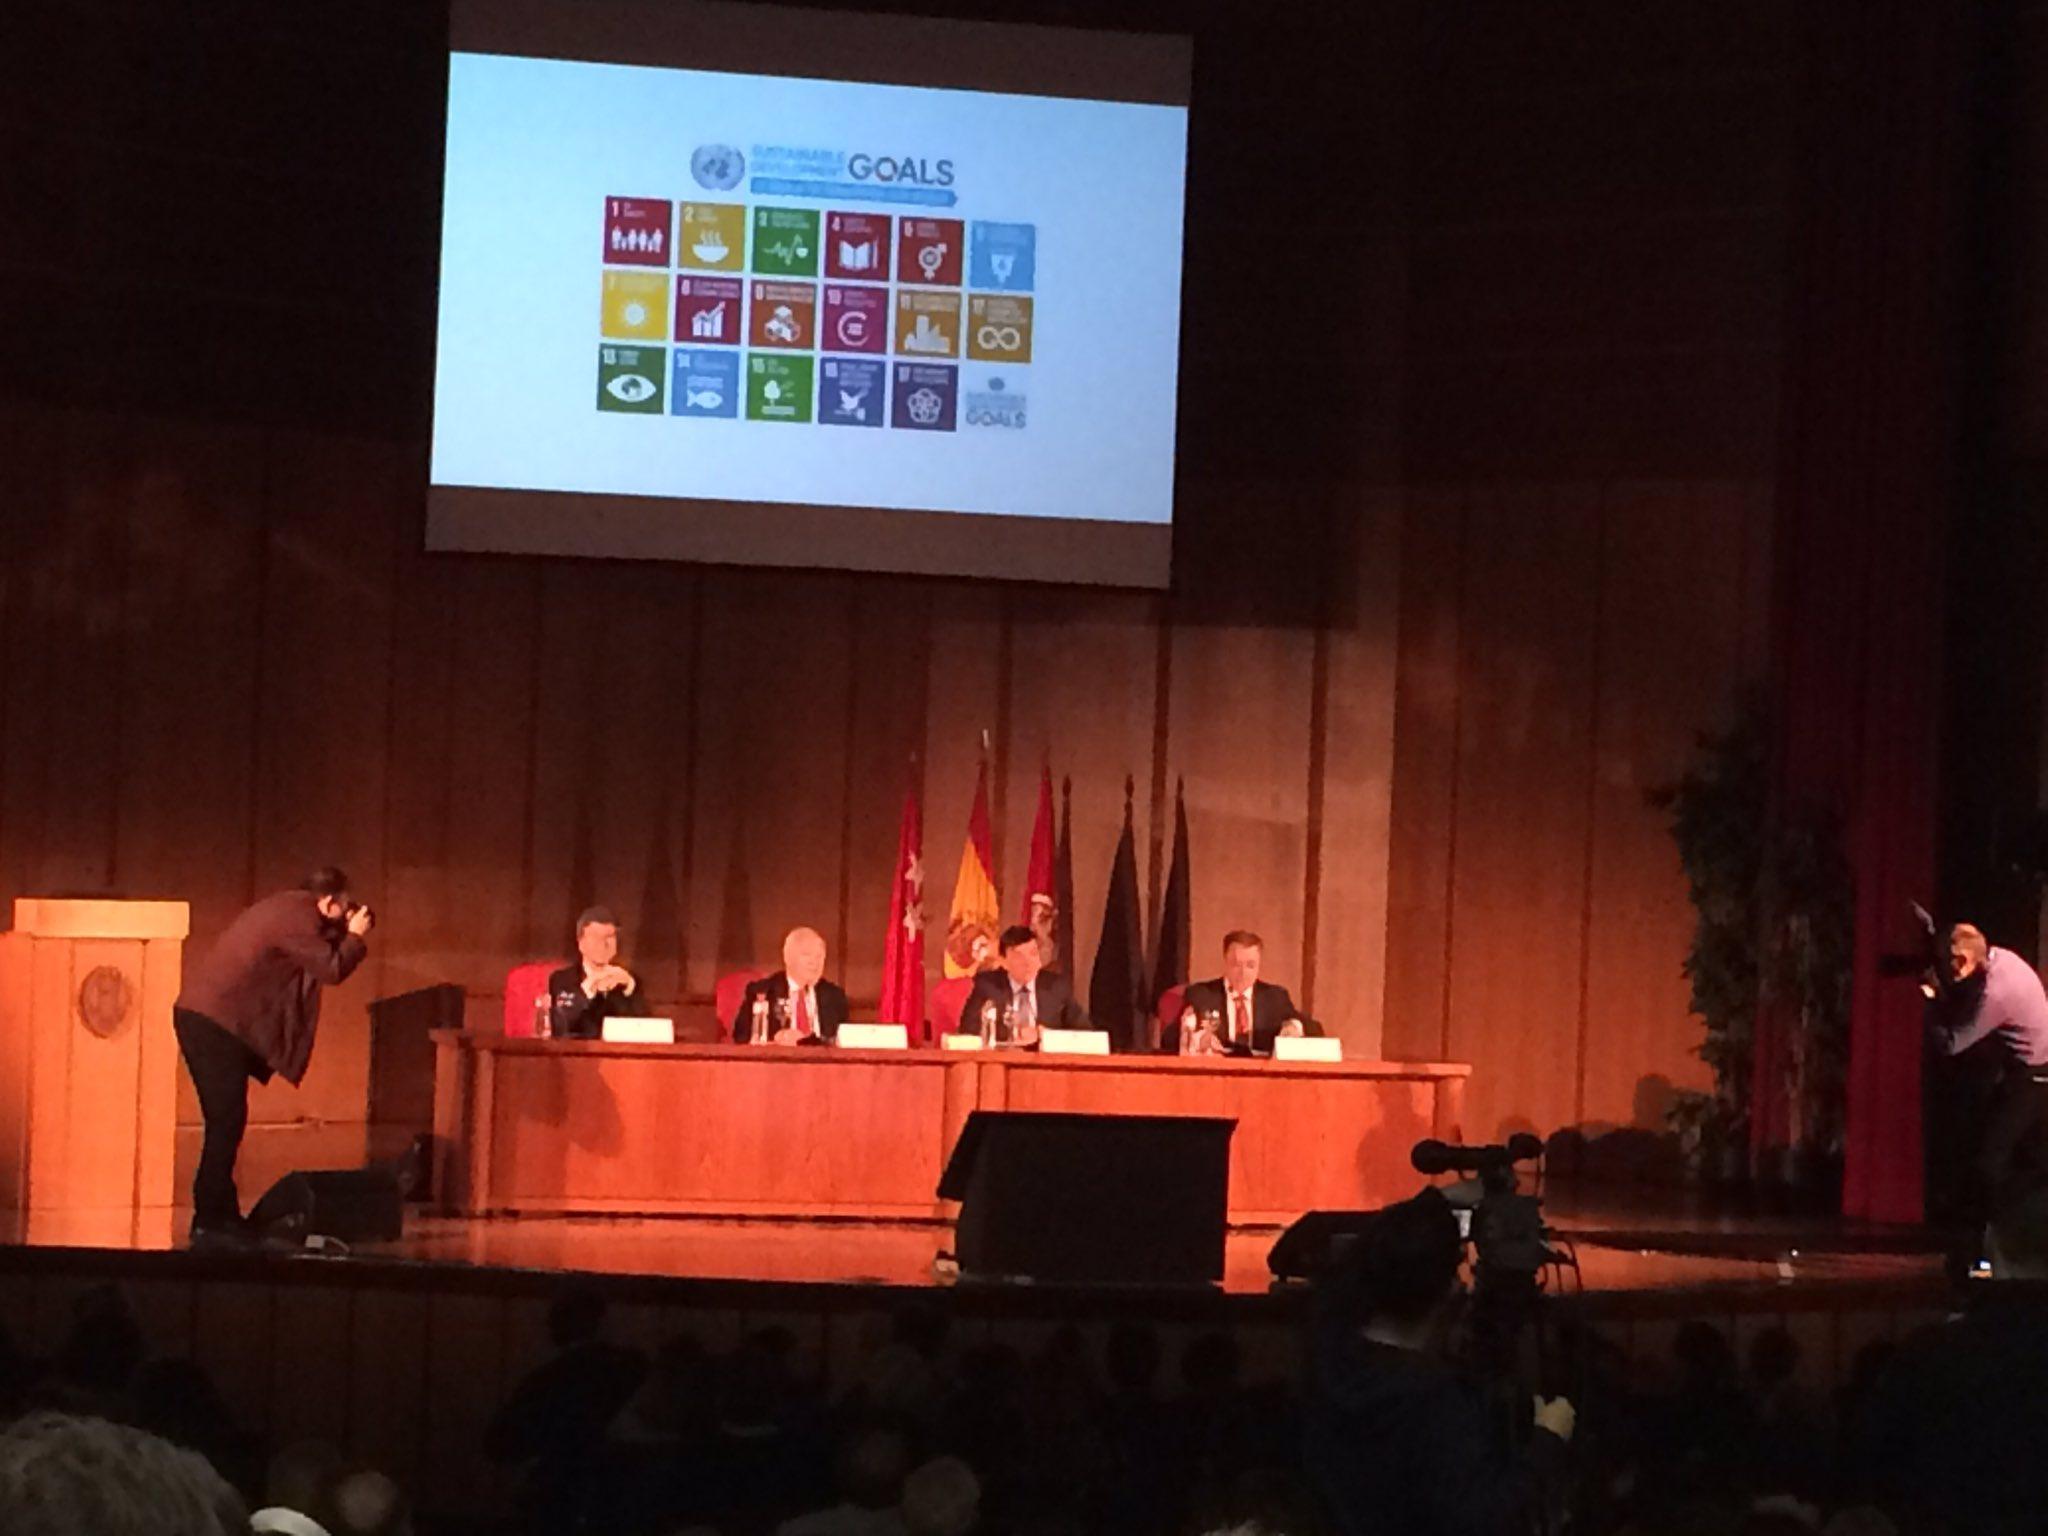 Escuchando a Jeffrey Sachs: Agenda 2030 (ODS) y la universidad en la UCM. Cc. .@g_escribano @iolivie @vivecisneros https://t.co/BTOIvcpHrI